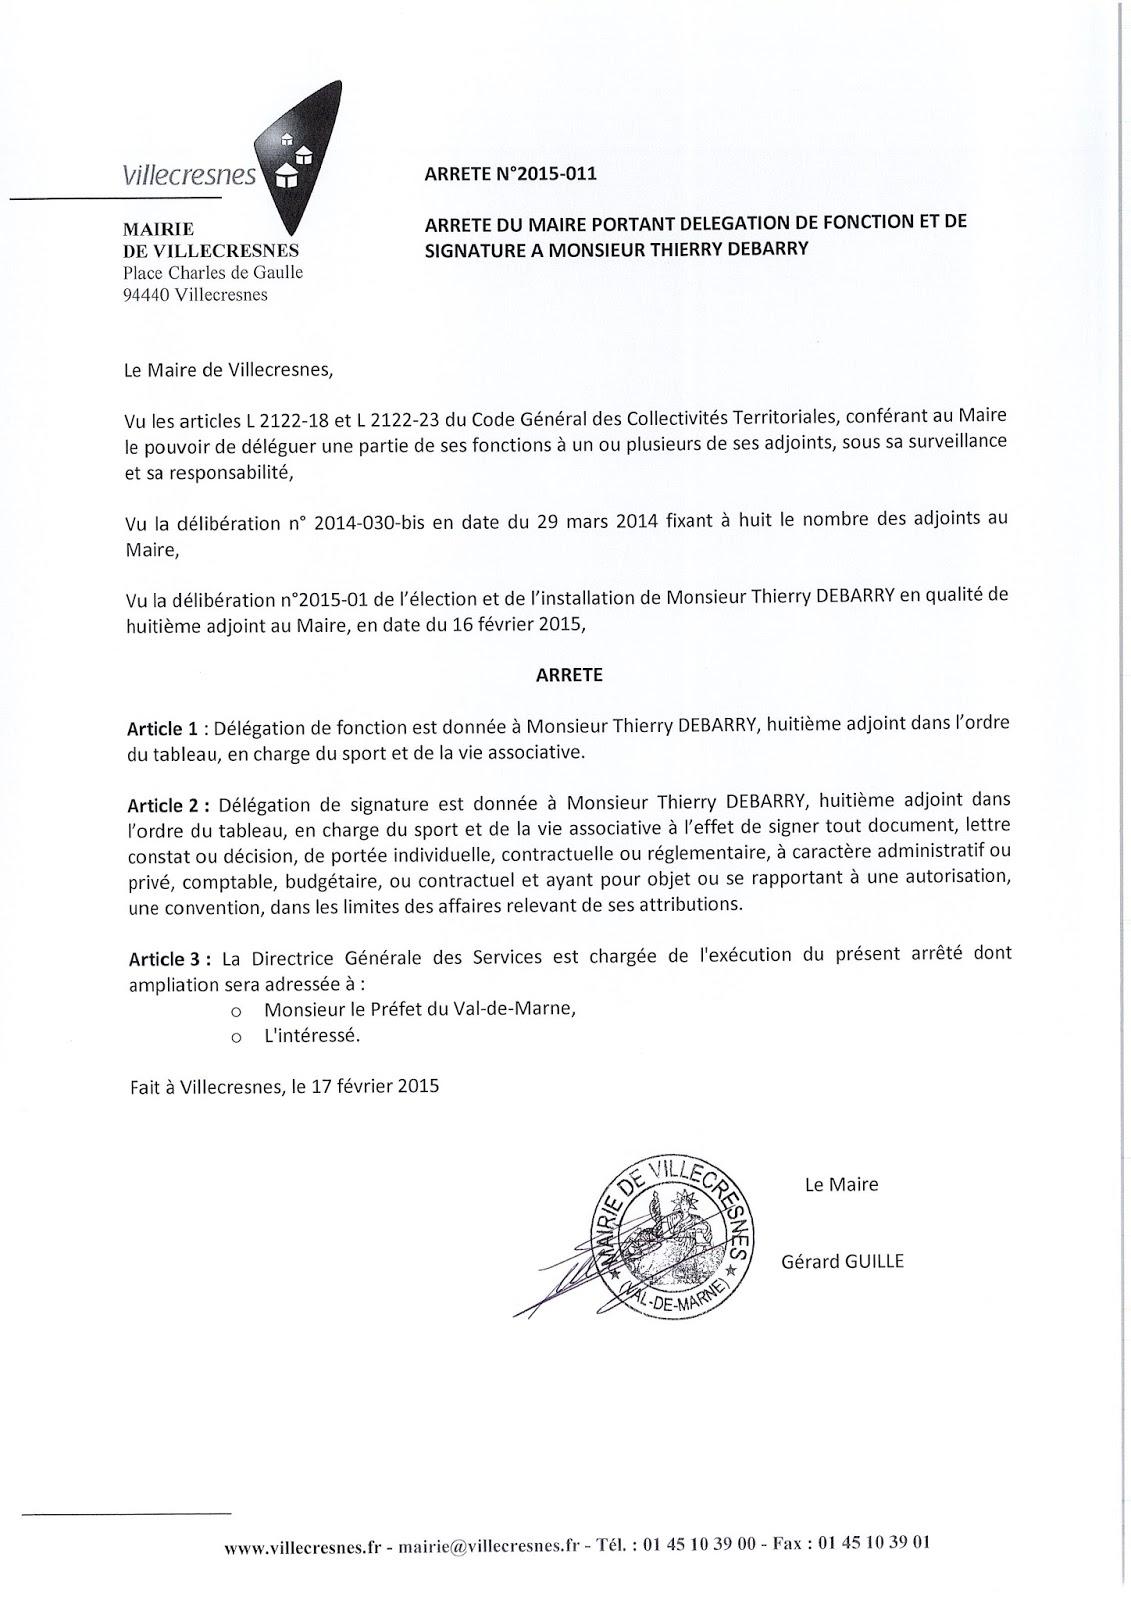 2015-011 Délégation de fonction et de signature à Monsieur Thierry Debarry